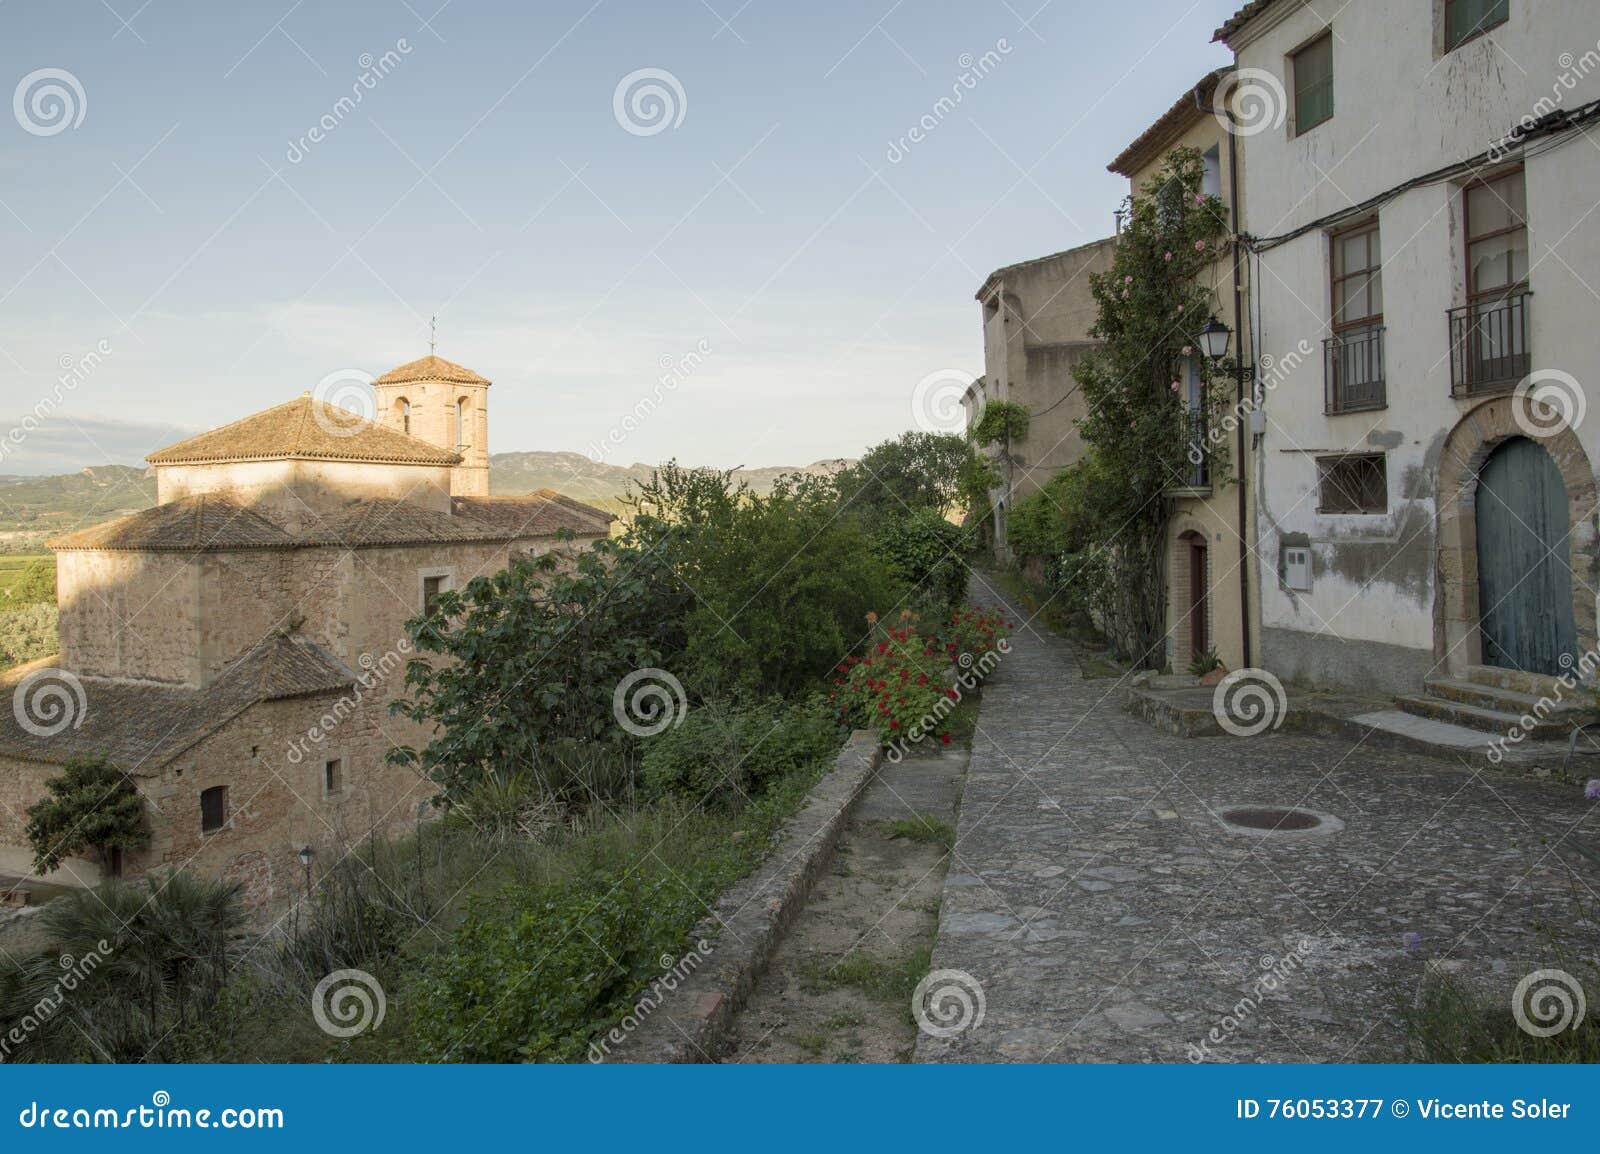 The village of Miravet